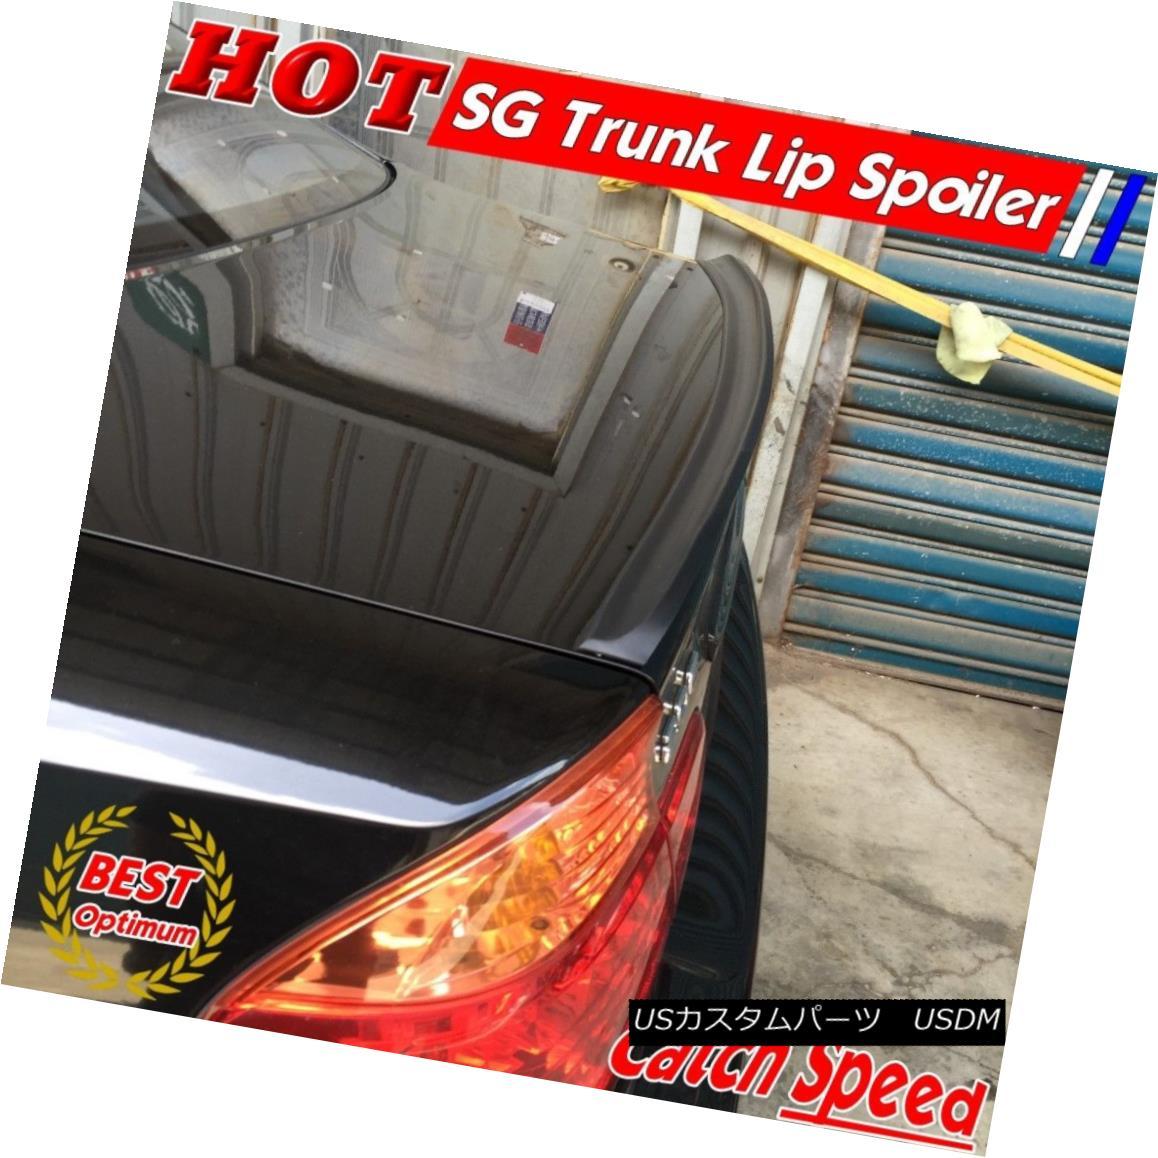 エアロパーツ Flat Black SG Style Rear Trunk Lip Spoiler Wing For Audi A6 C7 Sedan 2012~15 ? フラットブラックSGスタイルリアトランクリップスポイラーウィングアウディA6 C7セダン2012?15?